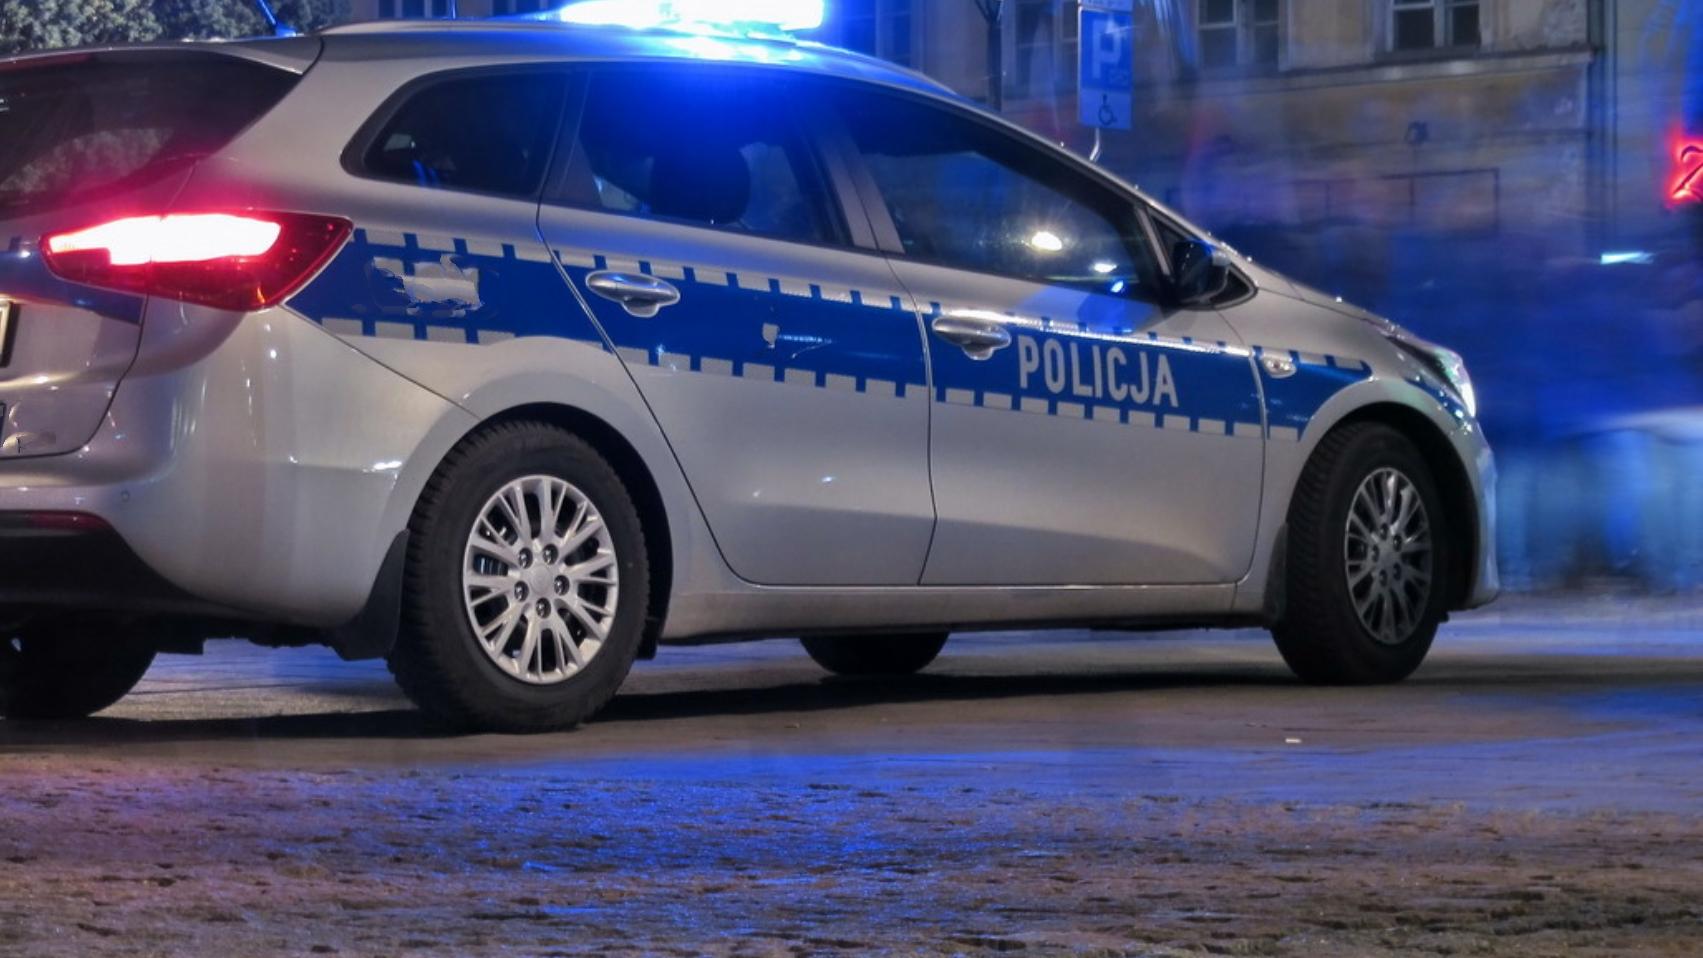 """Kolejna śmierć po interwencji policji. We Wrocławiu zmarł 29-latek. """"Użyli pałek teleskopowych i gazu"""""""